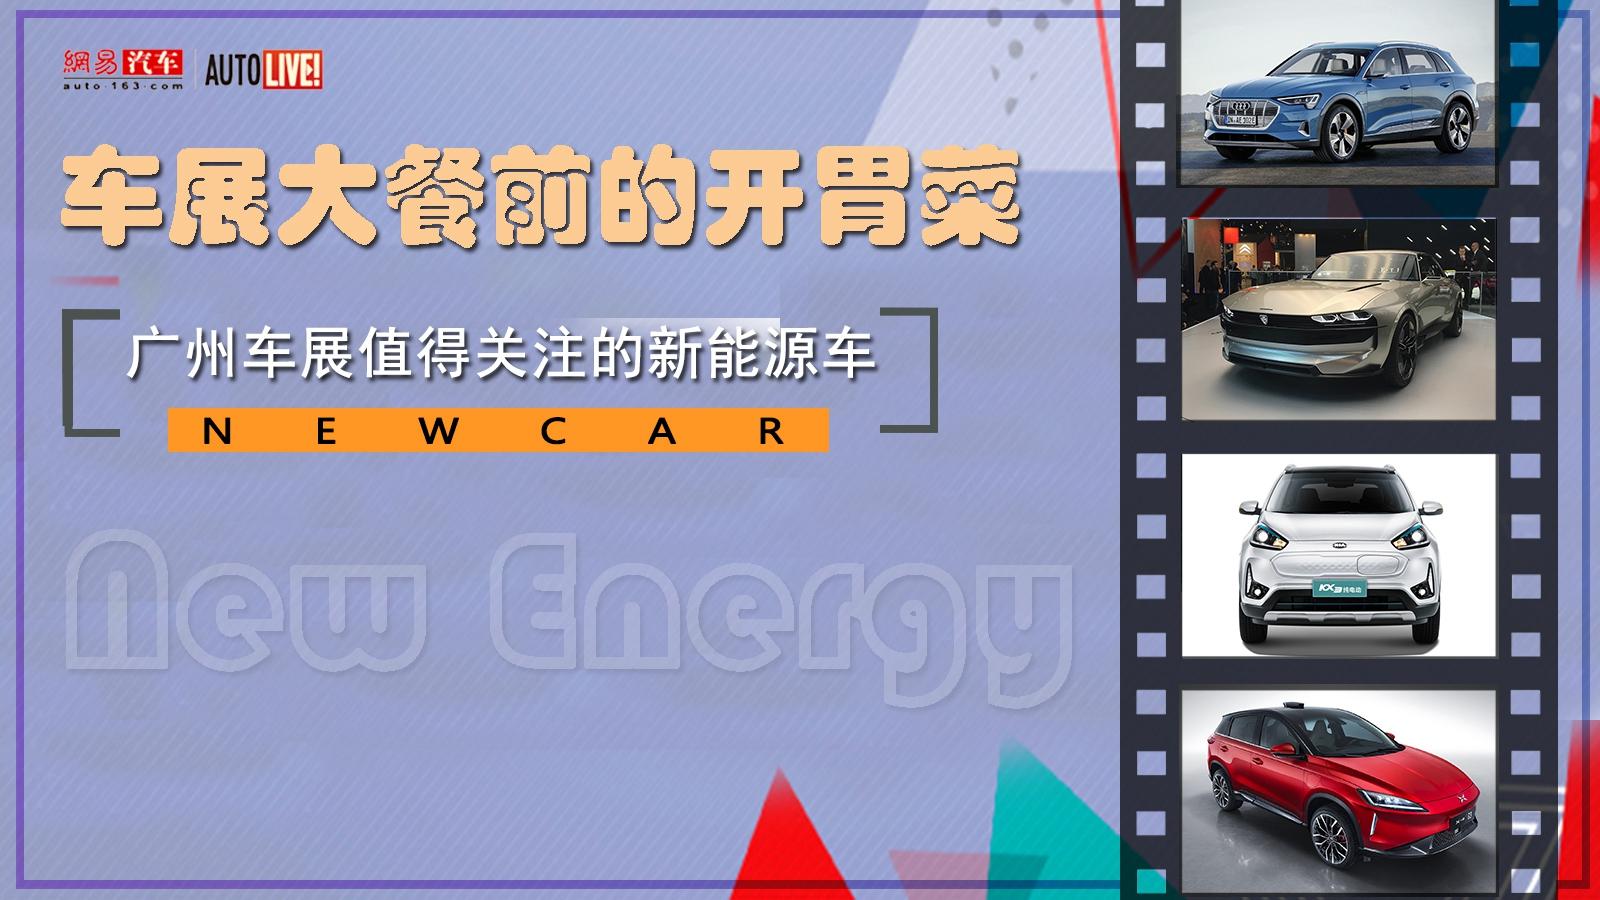 车展餐前开胃菜 广州车展值得关注的新能源车